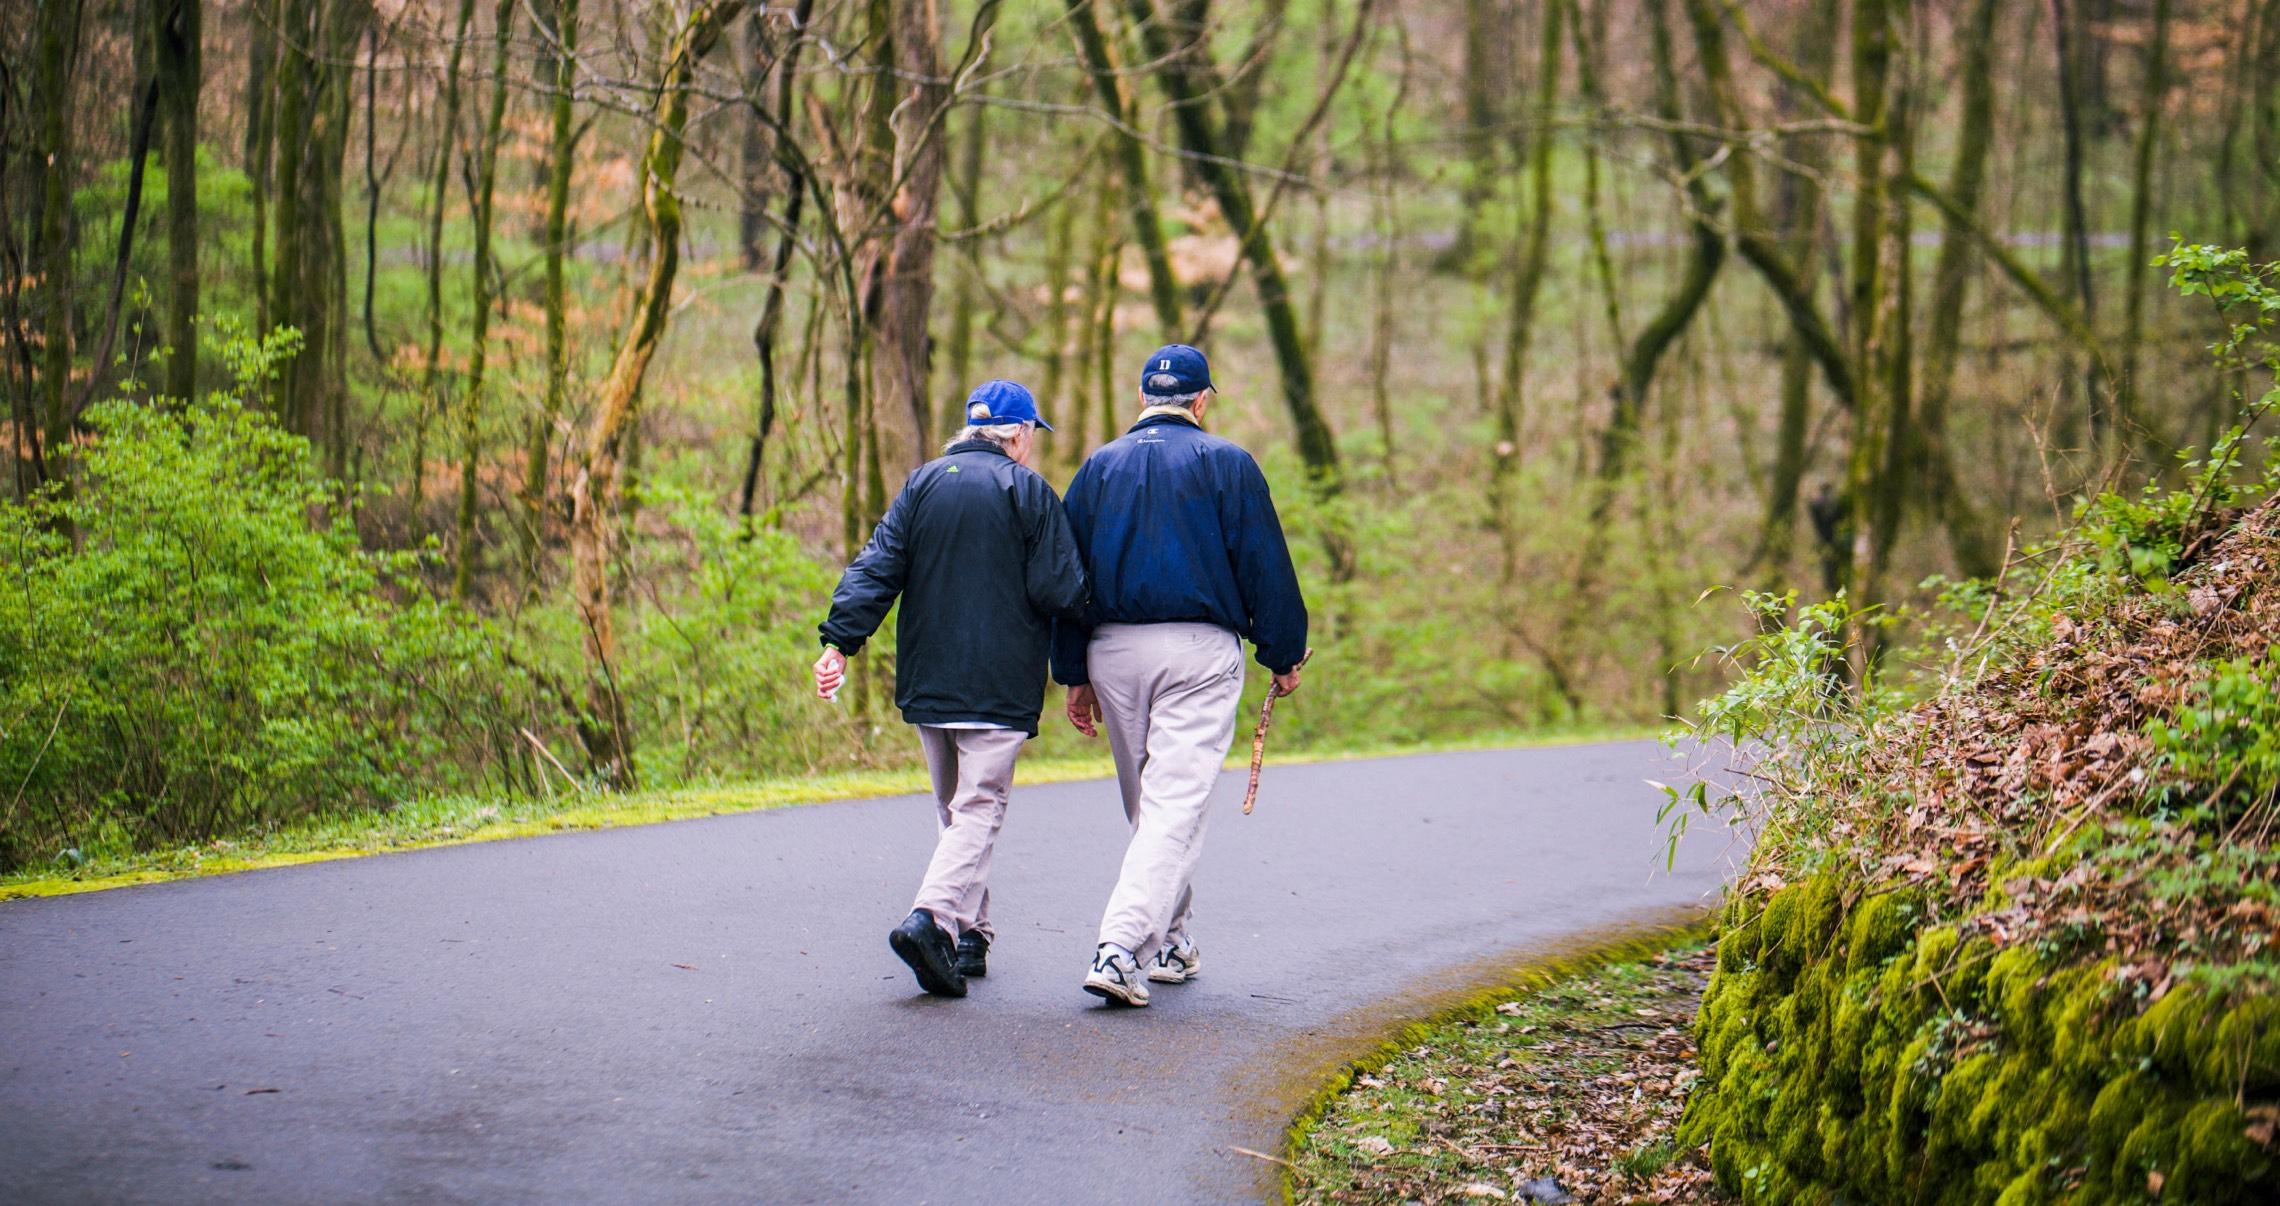 An elderly couple walking in a park